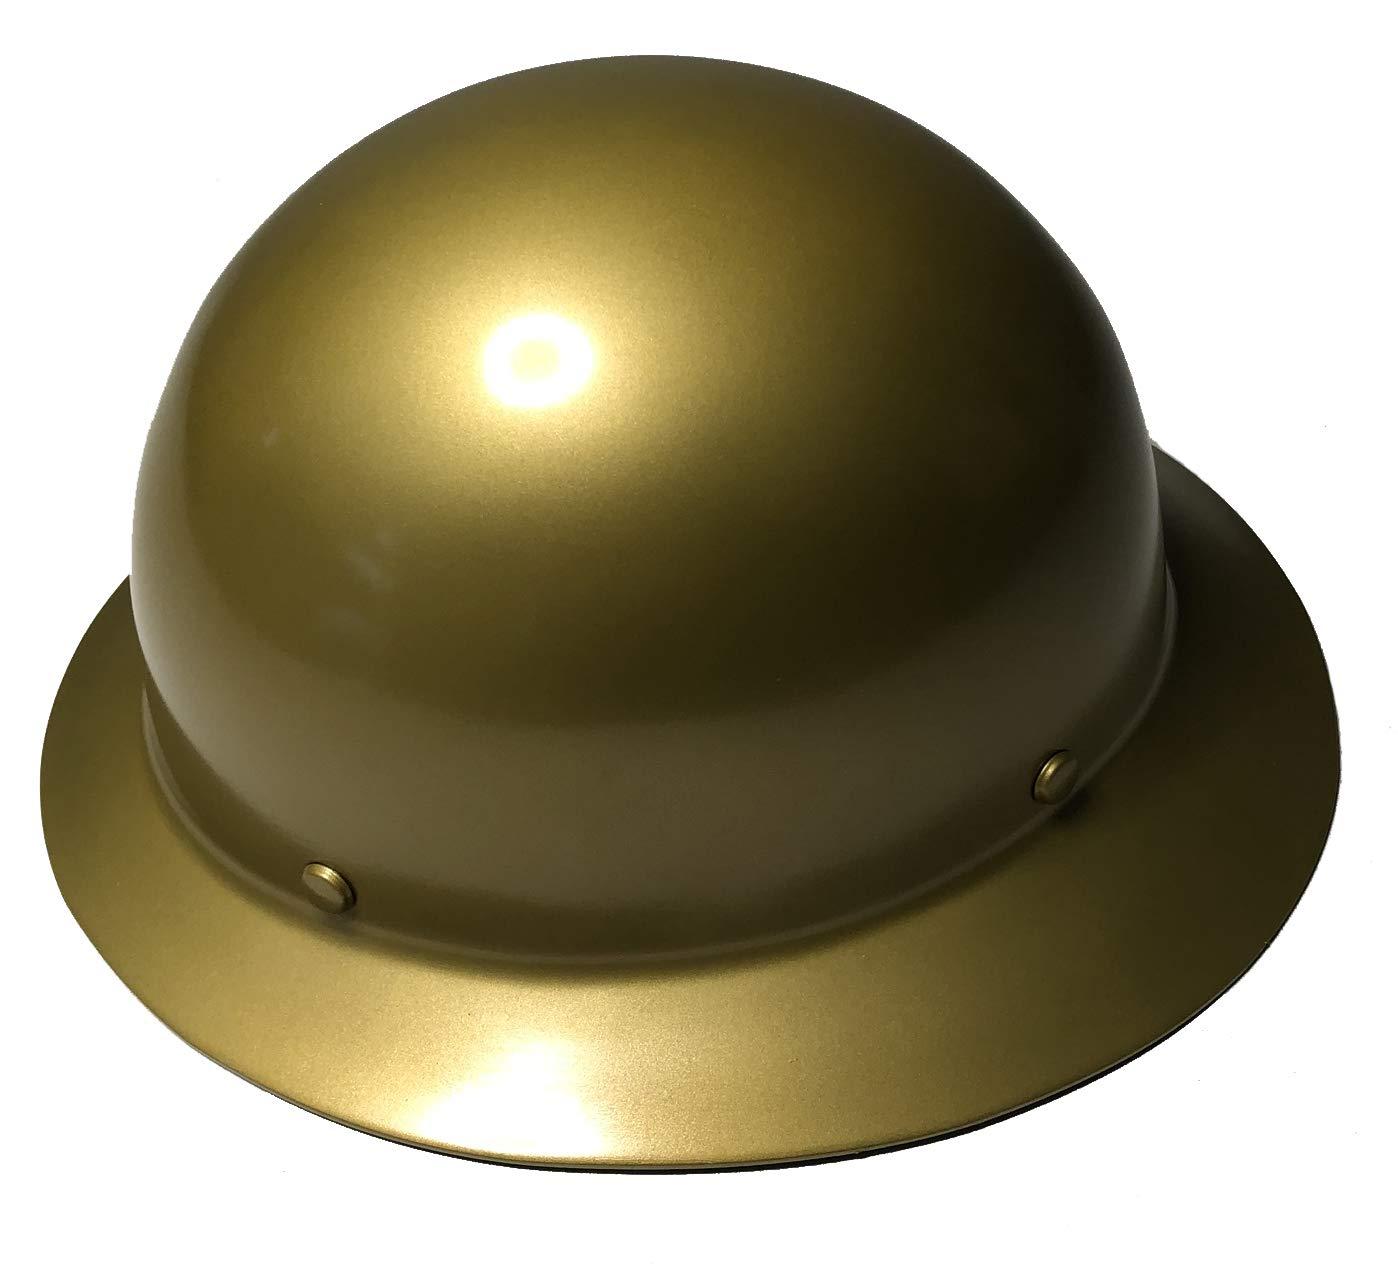 Hard Hat MSA Skullgard Full Brim Custom Gold Metallic Satin by Bag R Buck (Image #2)